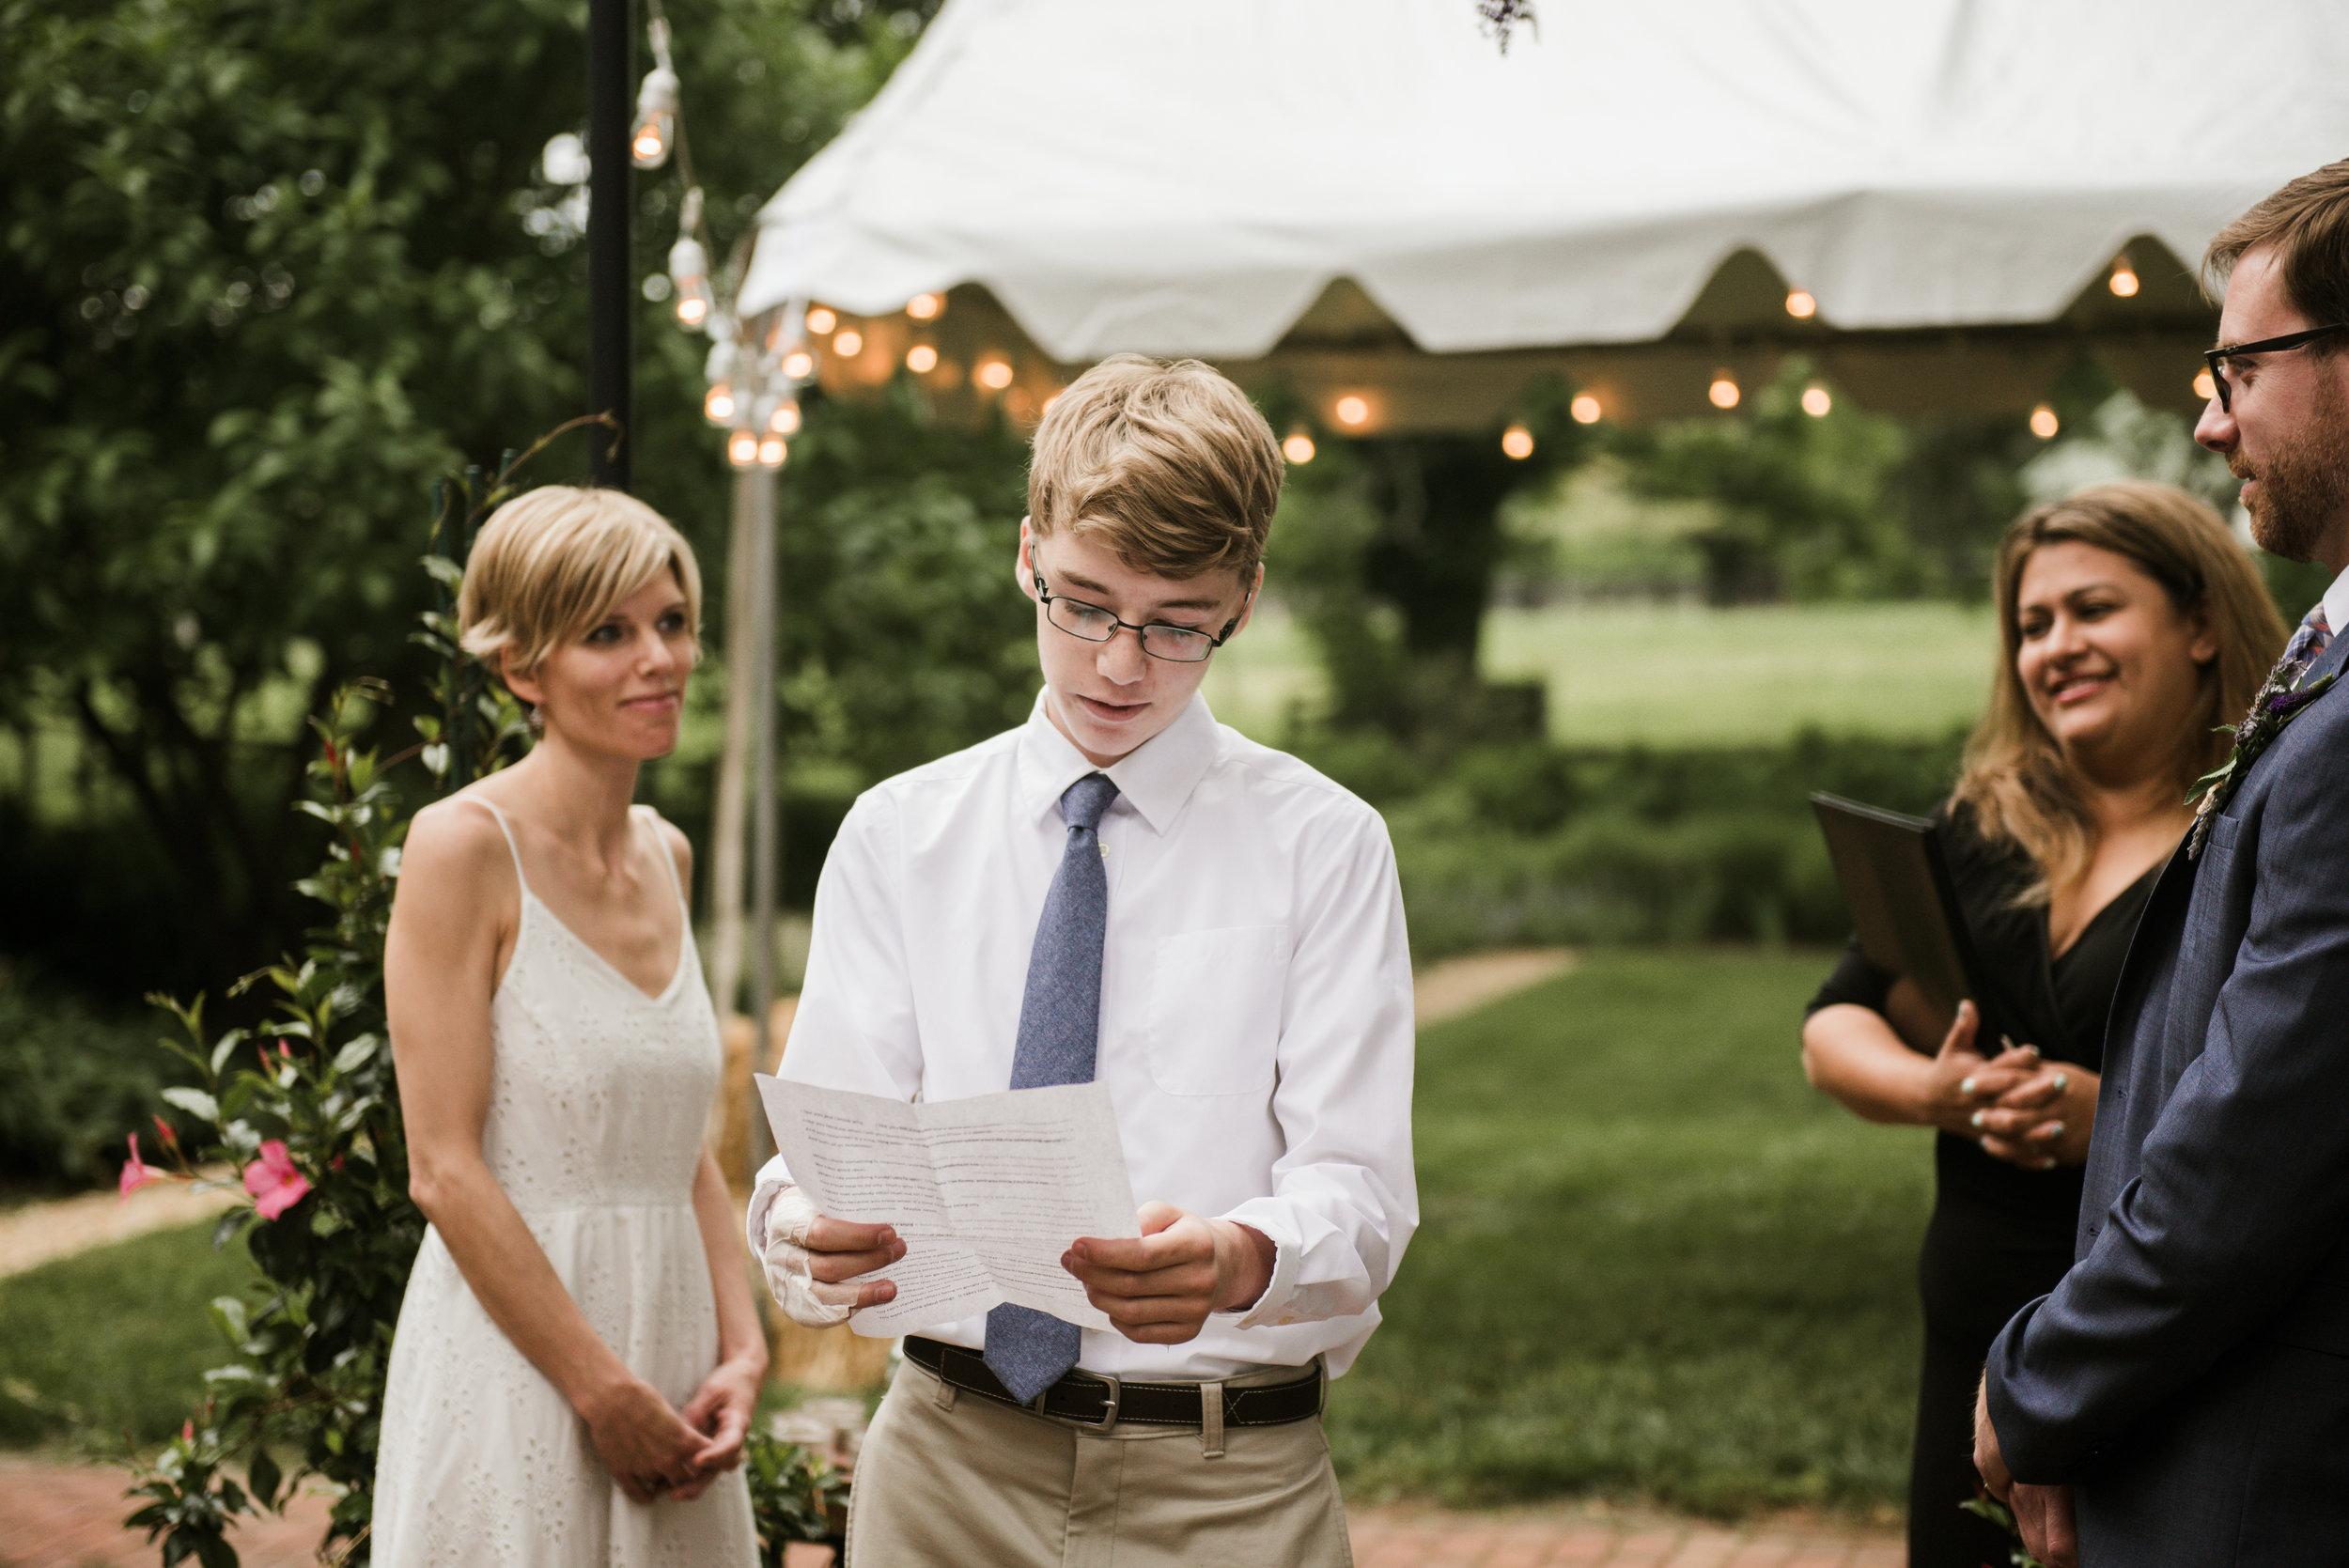 emilybrandonmarylandweddingblog-20.jpg